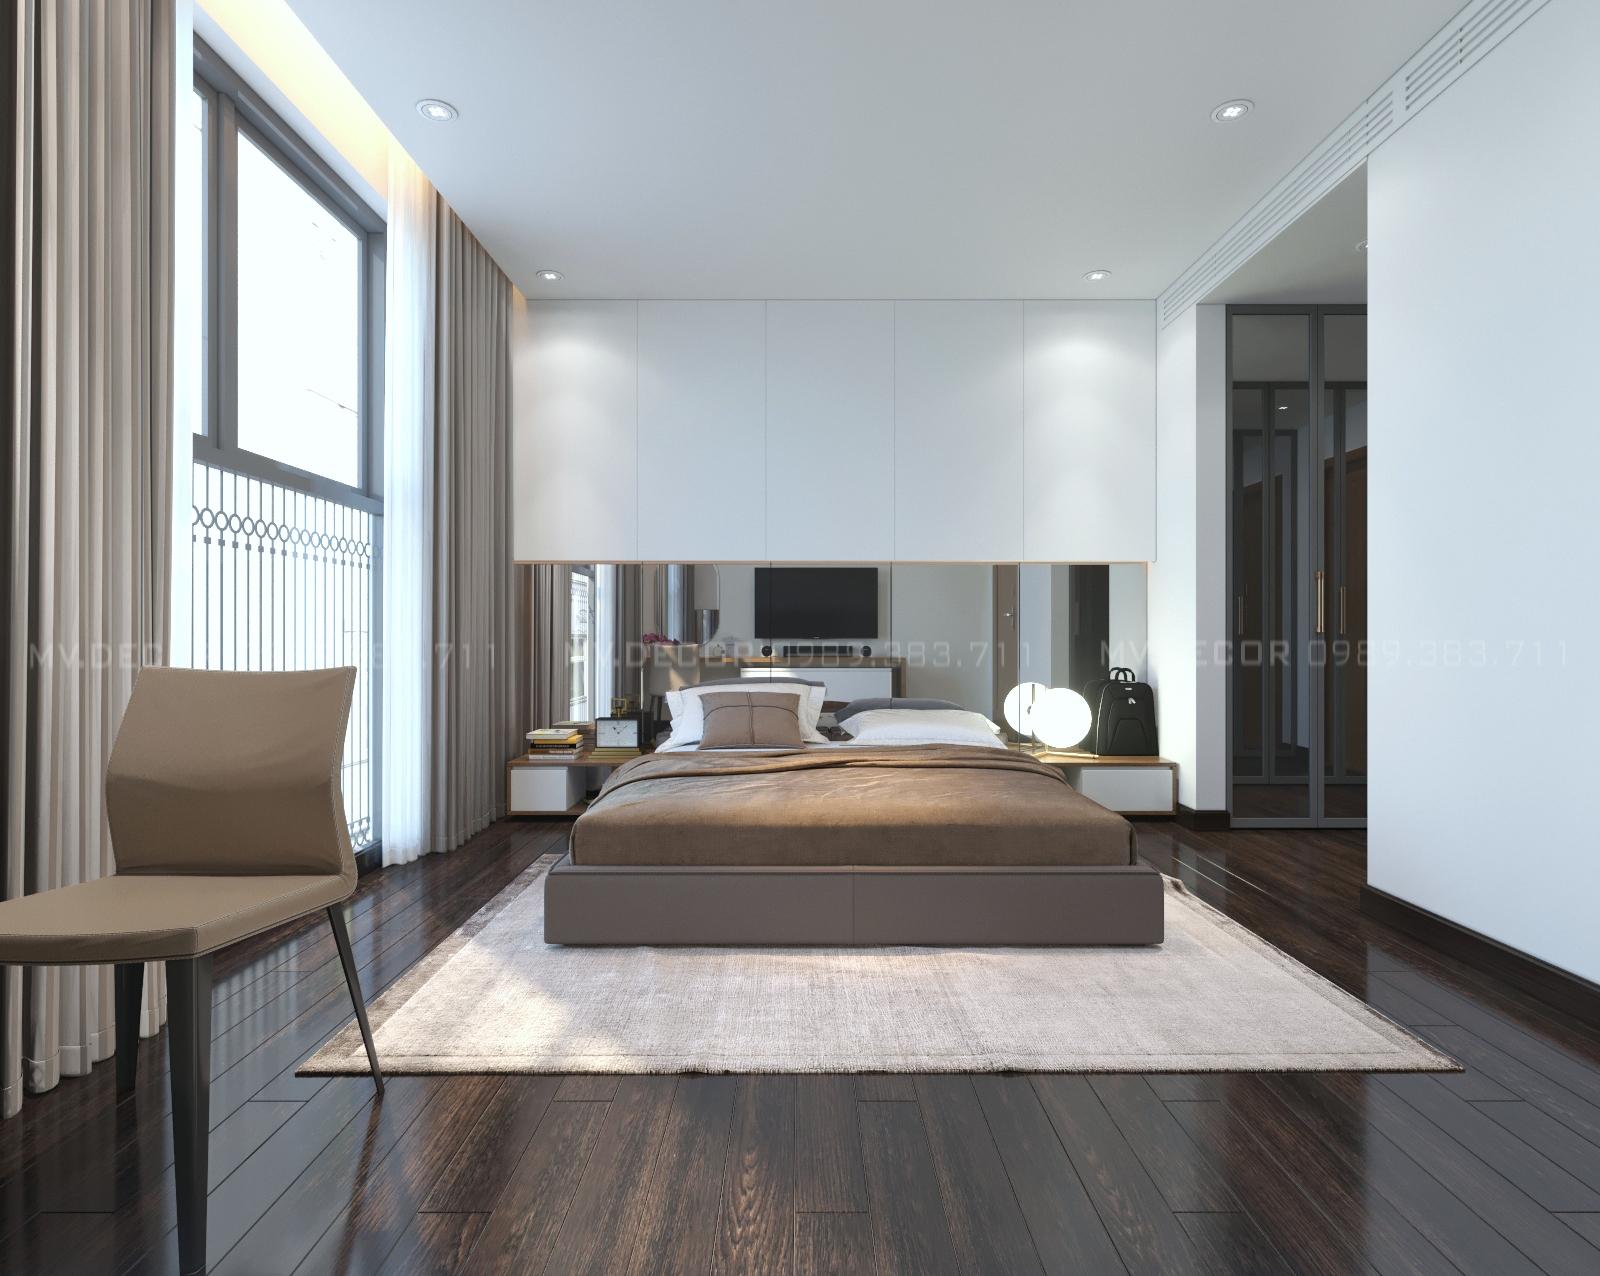 thiết kế nội thất chung cư tại Hà Nội duplex tân hoàng minh hoàng cầu 13 1550072053